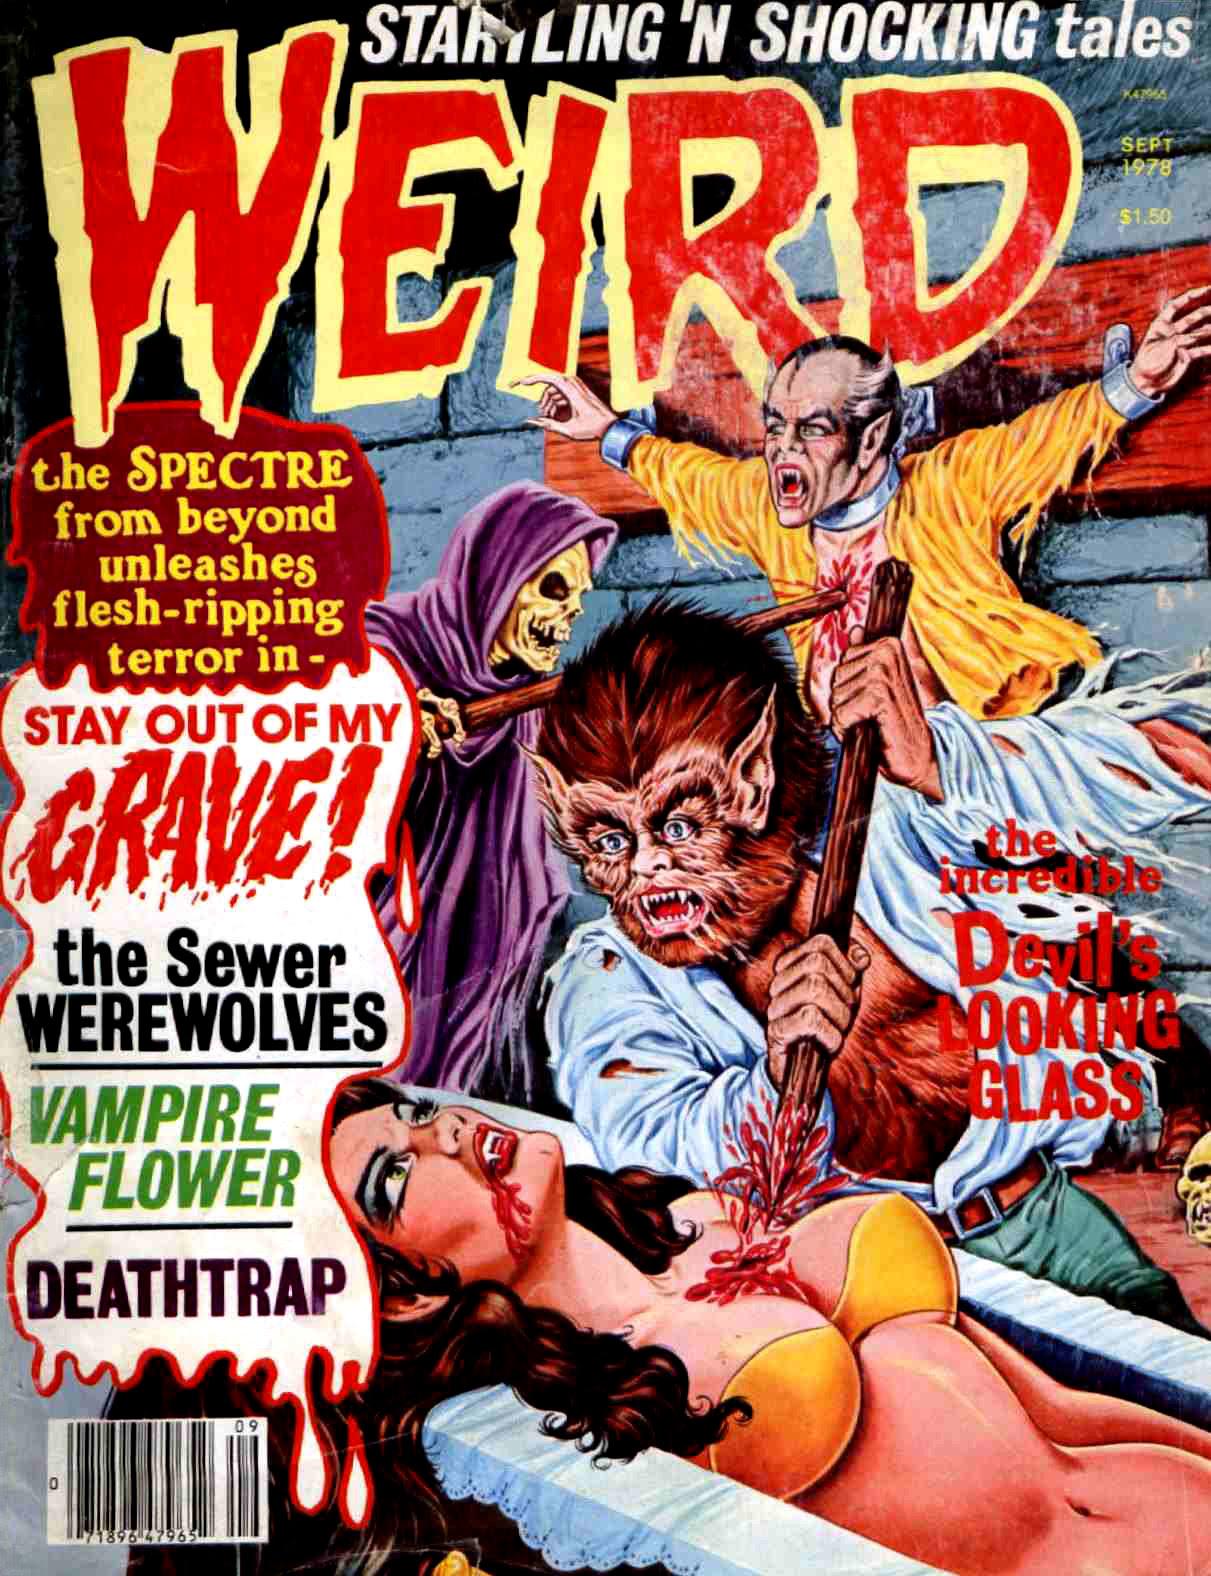 Weird Vol. 11 #3 (Eerie Publications, 1978)